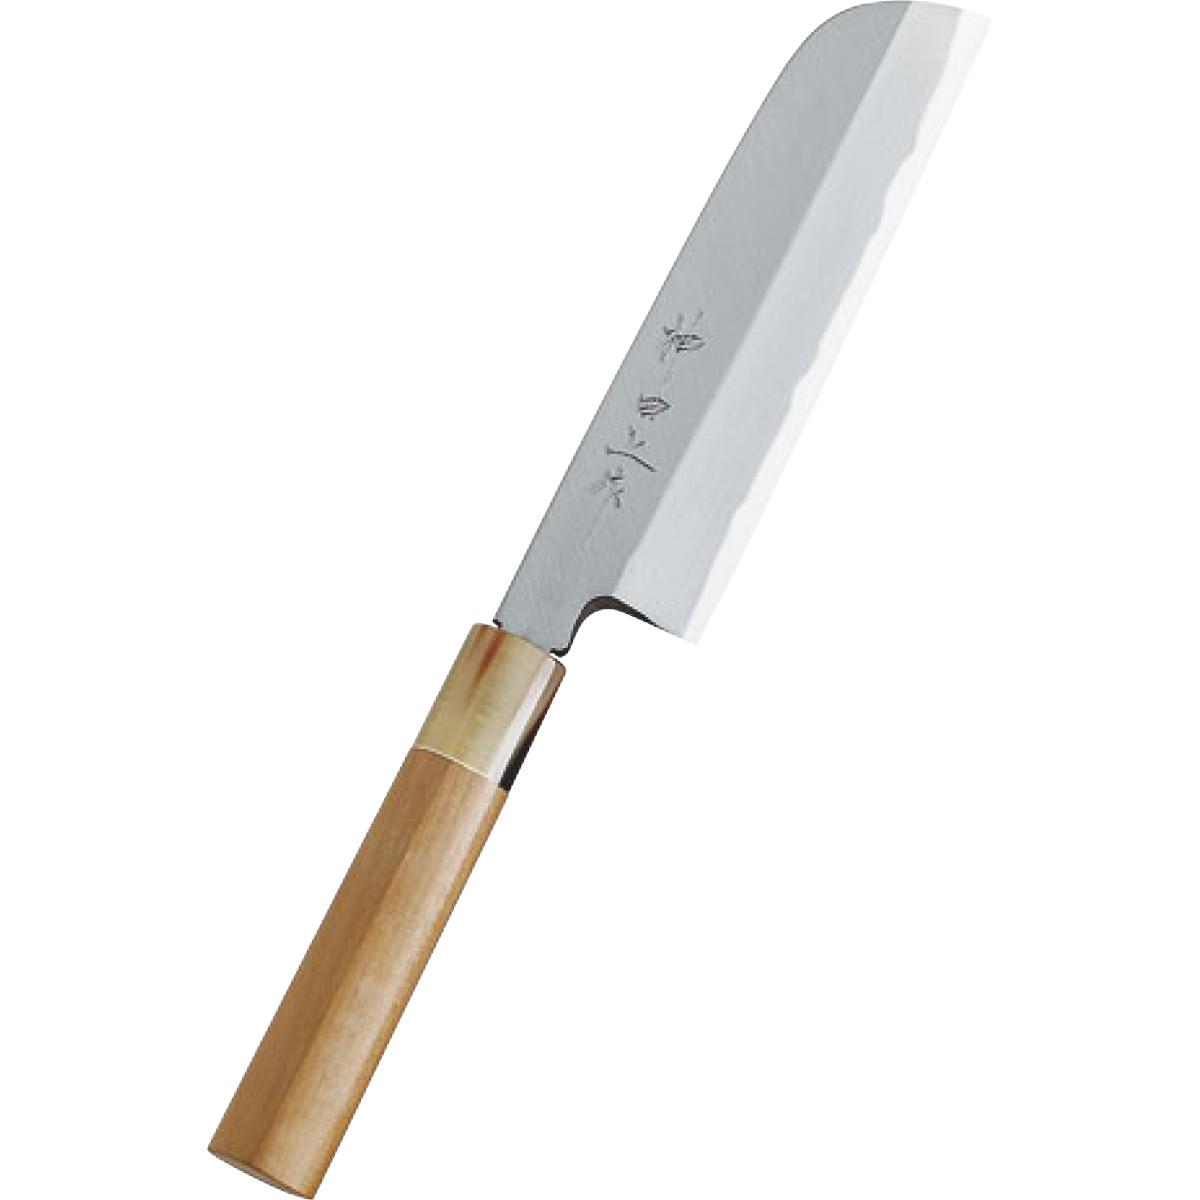 安売り 神田上作 超激得SALE 包丁 和包丁 洋包丁 薄刃包丁 鎌形 鎌形薄刃 業務用 210mm